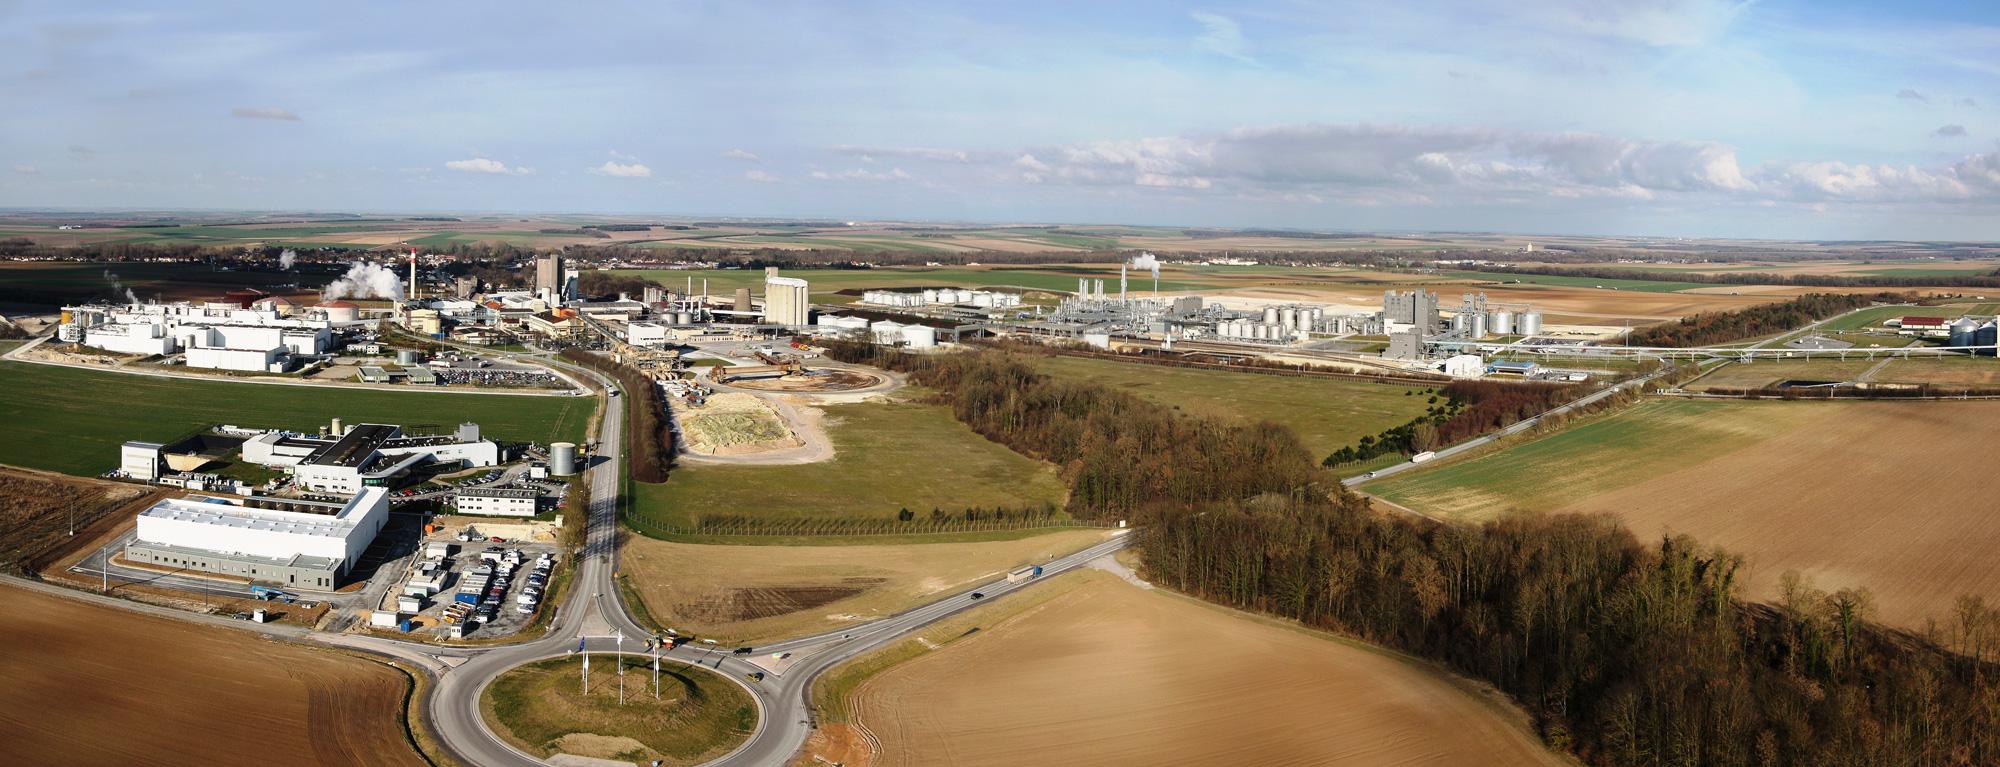 Site de production SNPAA